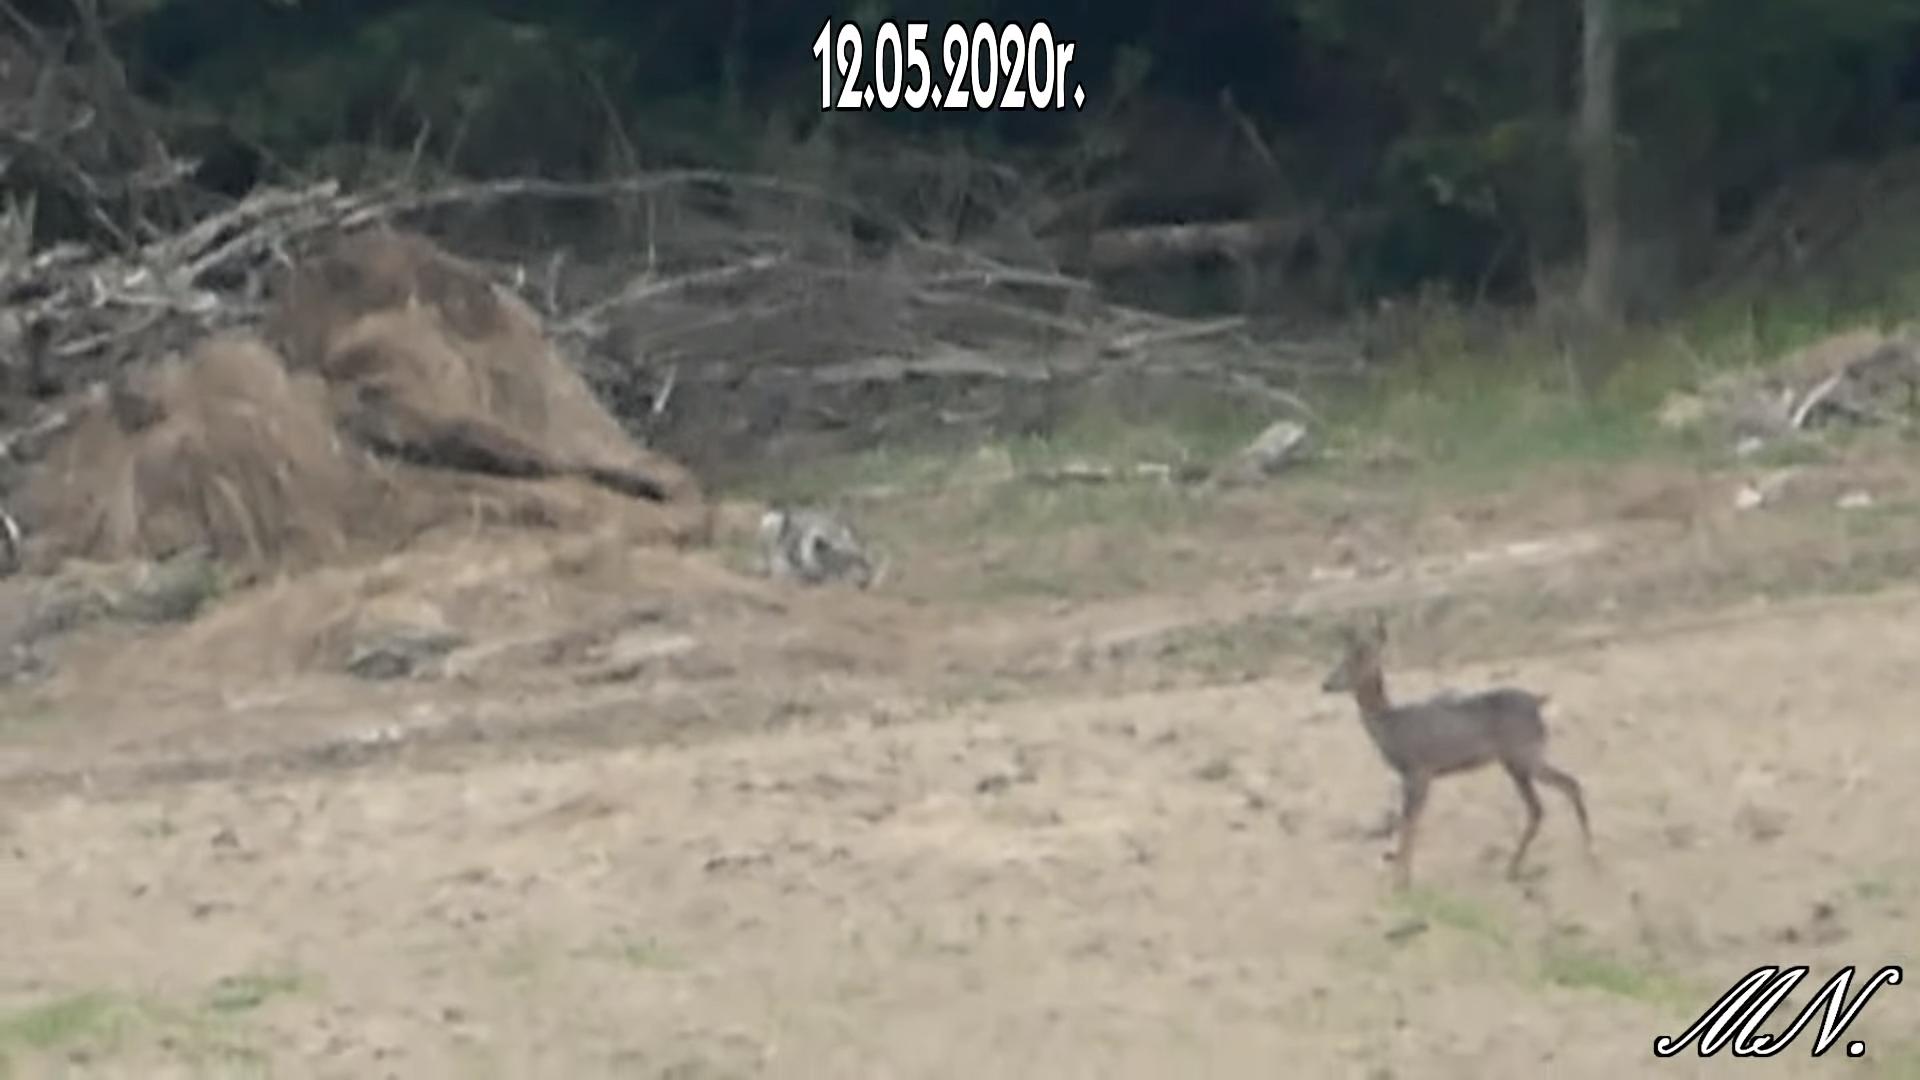 Koziołek spotyka wilka w Bieszczadach [VIDEO] - Zdjęcie główne